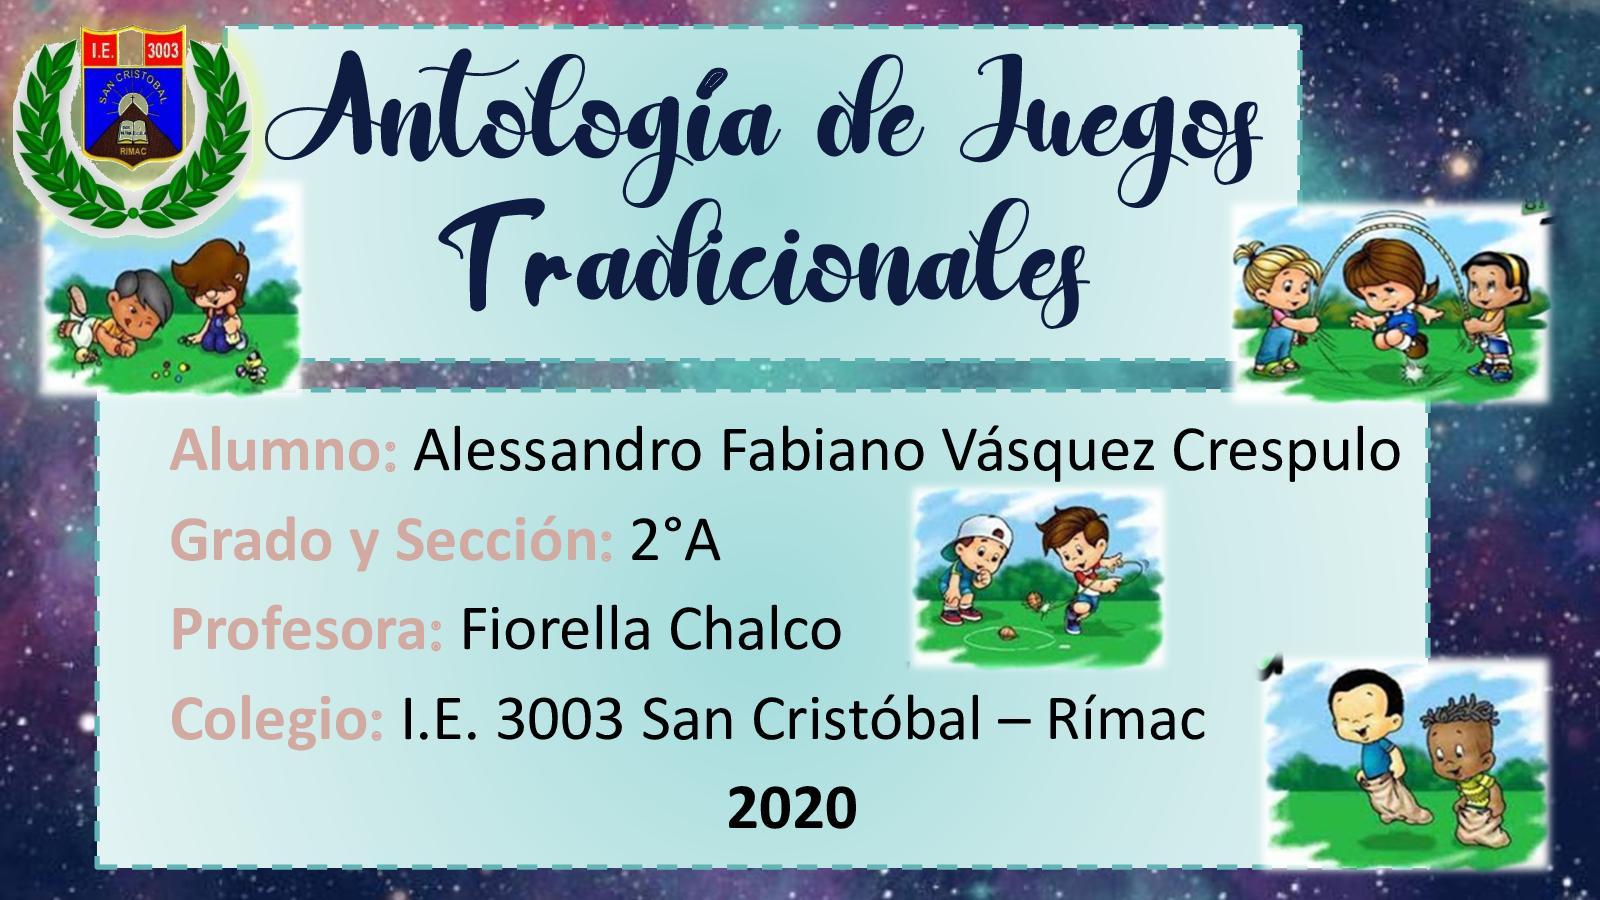 ANTOLOGÍA DE JUEGOS TRADICIONALES - Alessandro